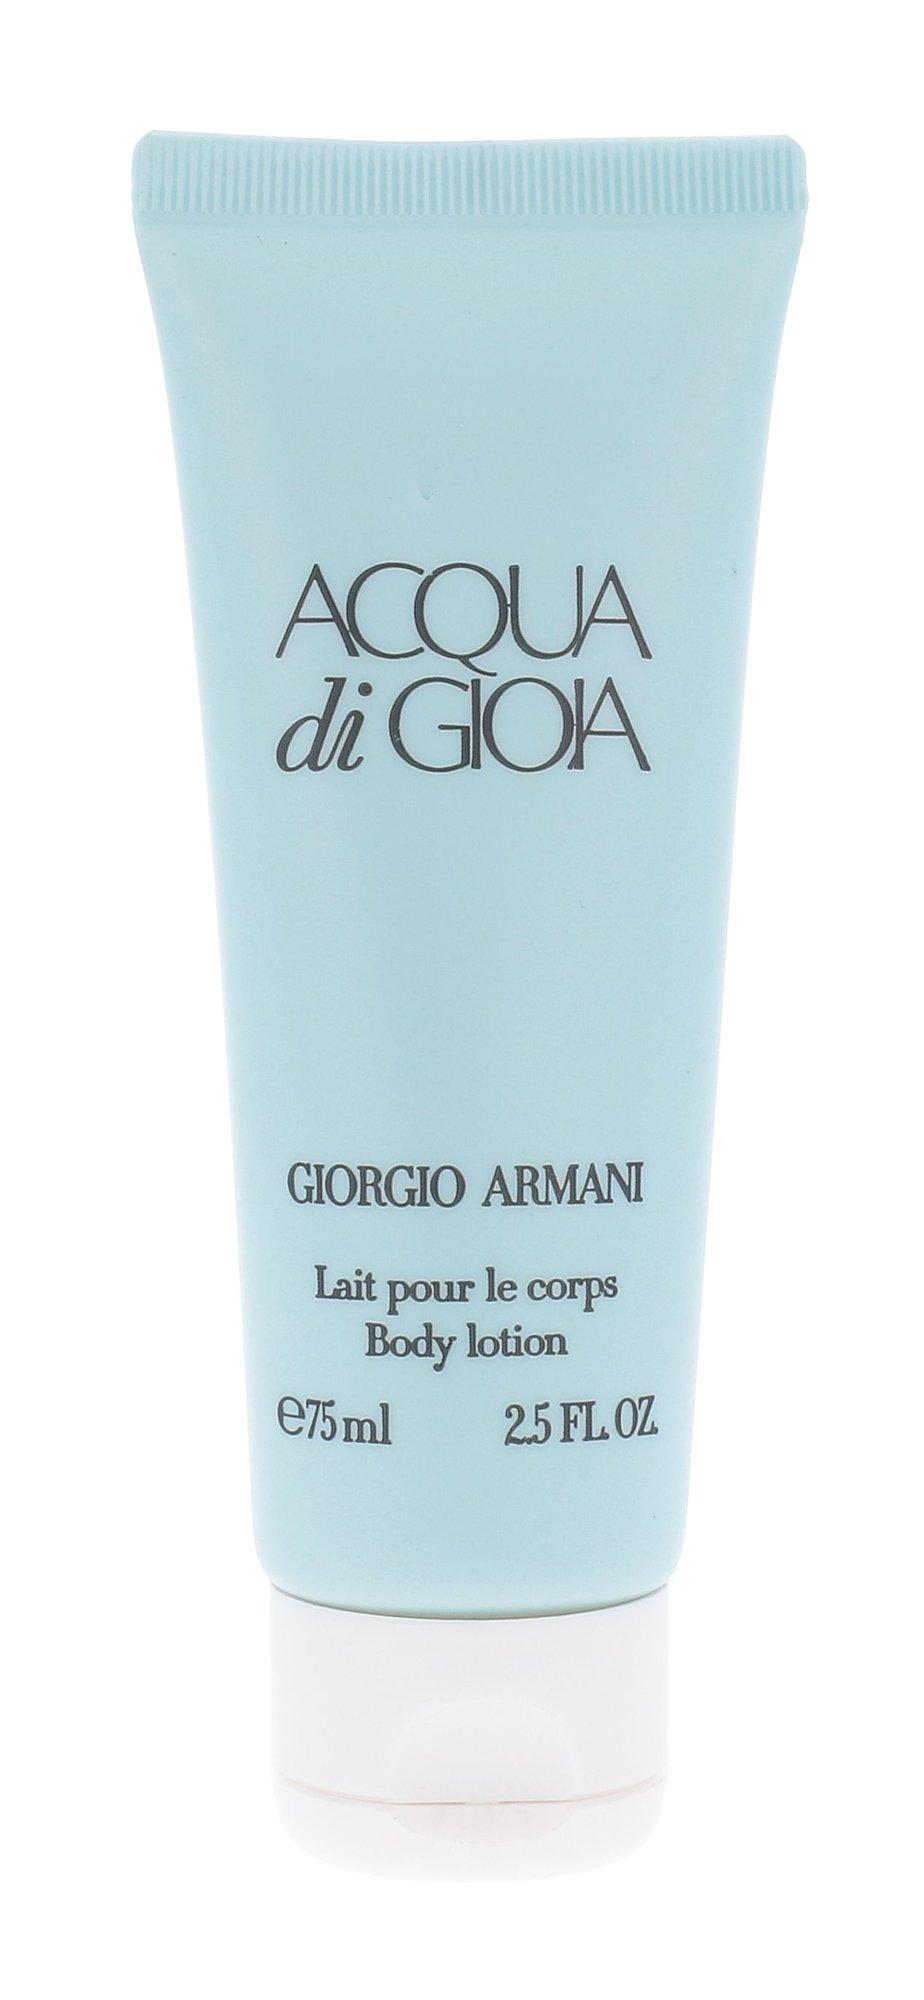 Giorgio Armani Acqua di Gioia Body lotion 75ml